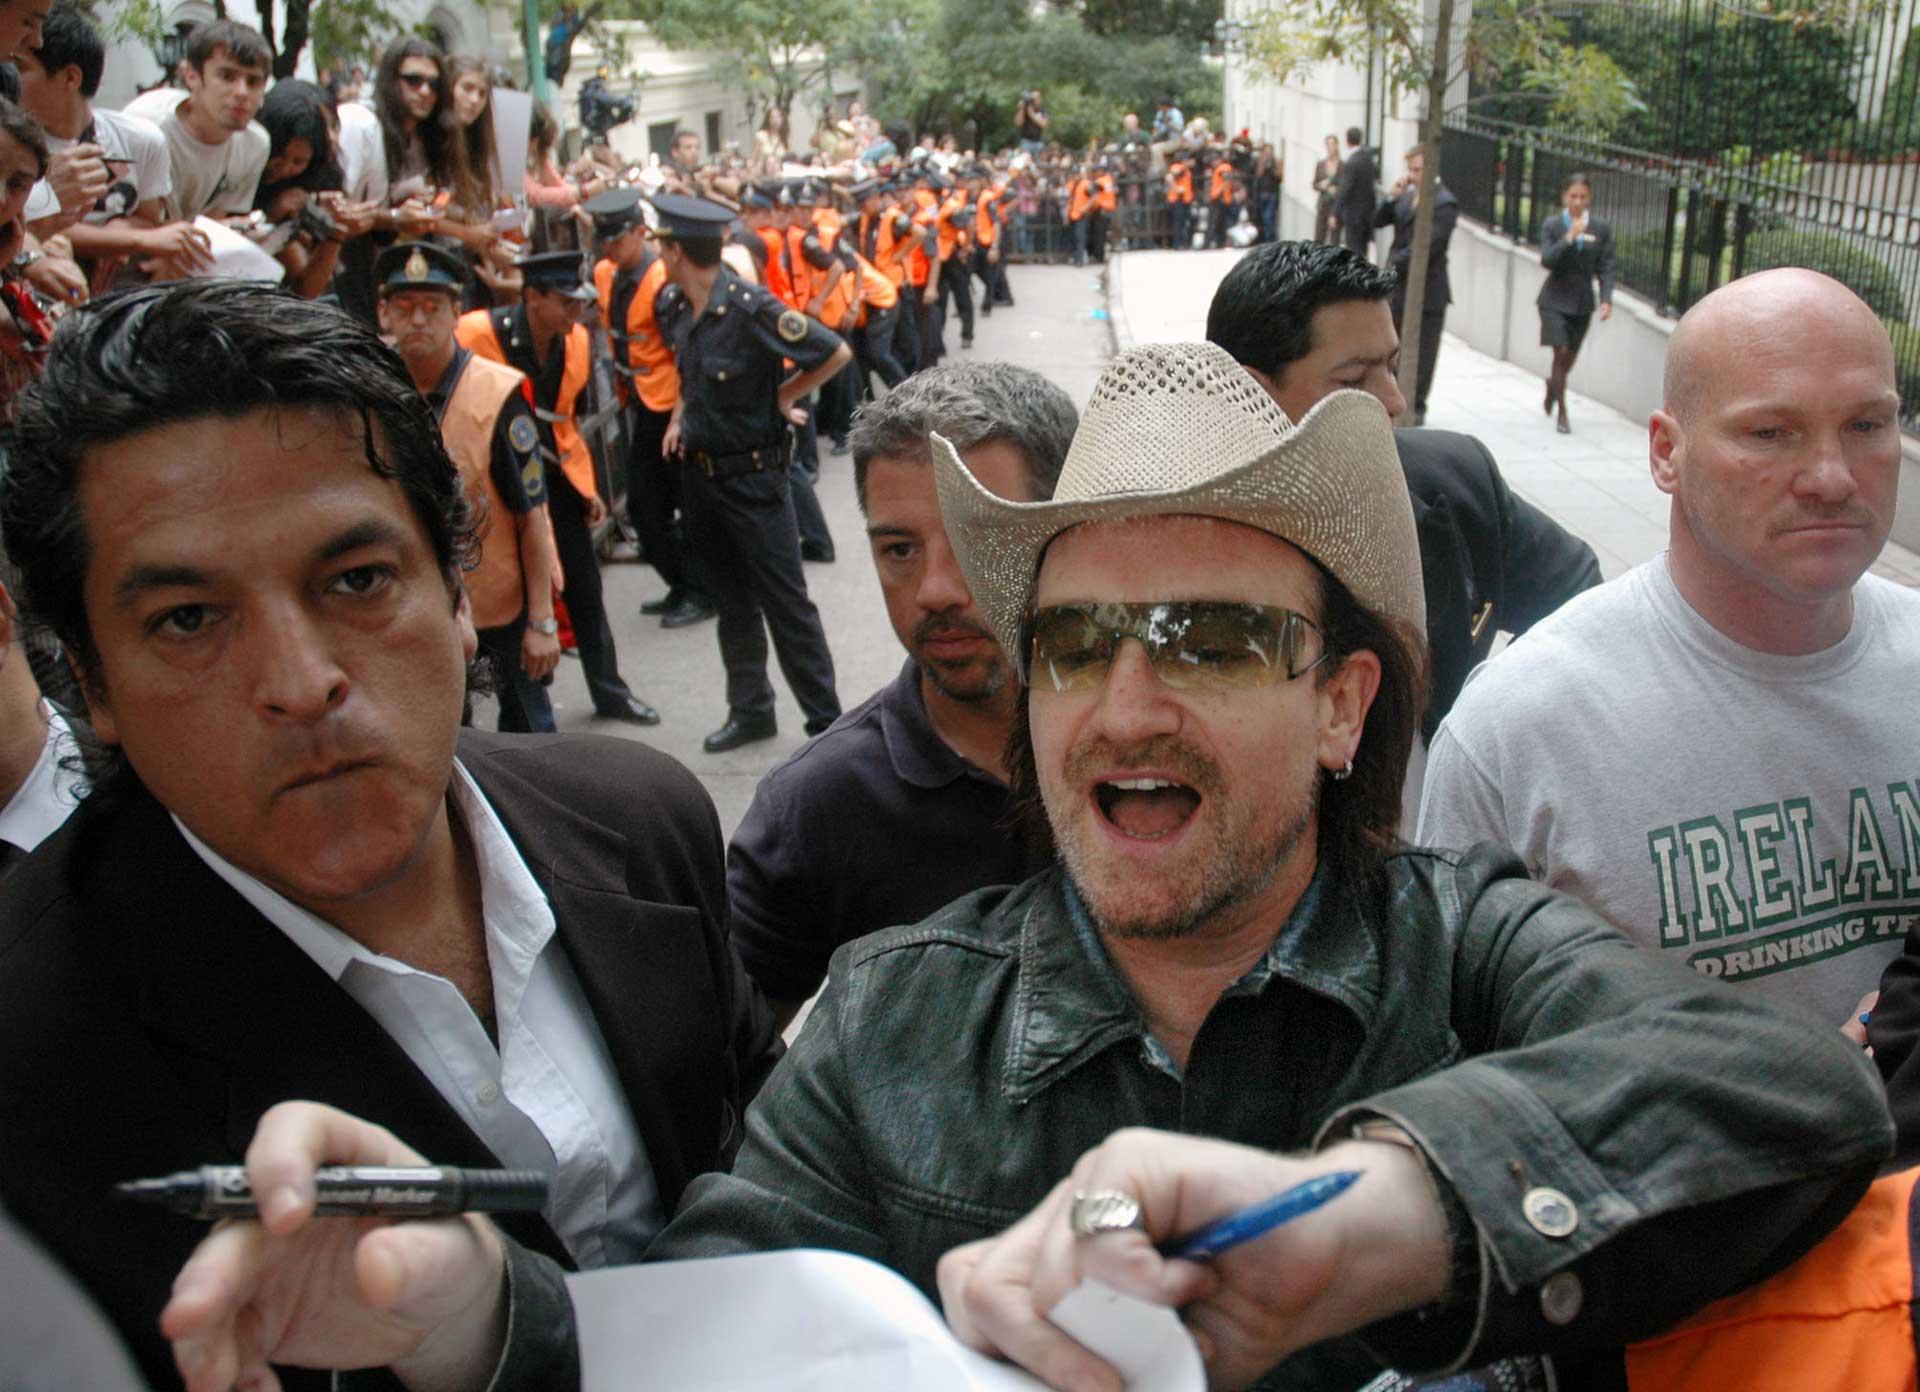 El cantante del grupo irlandés U2, Bono, saluda a cientos de fanáticos que aguardan para verlo antes del show en Buenos Aires, 2006